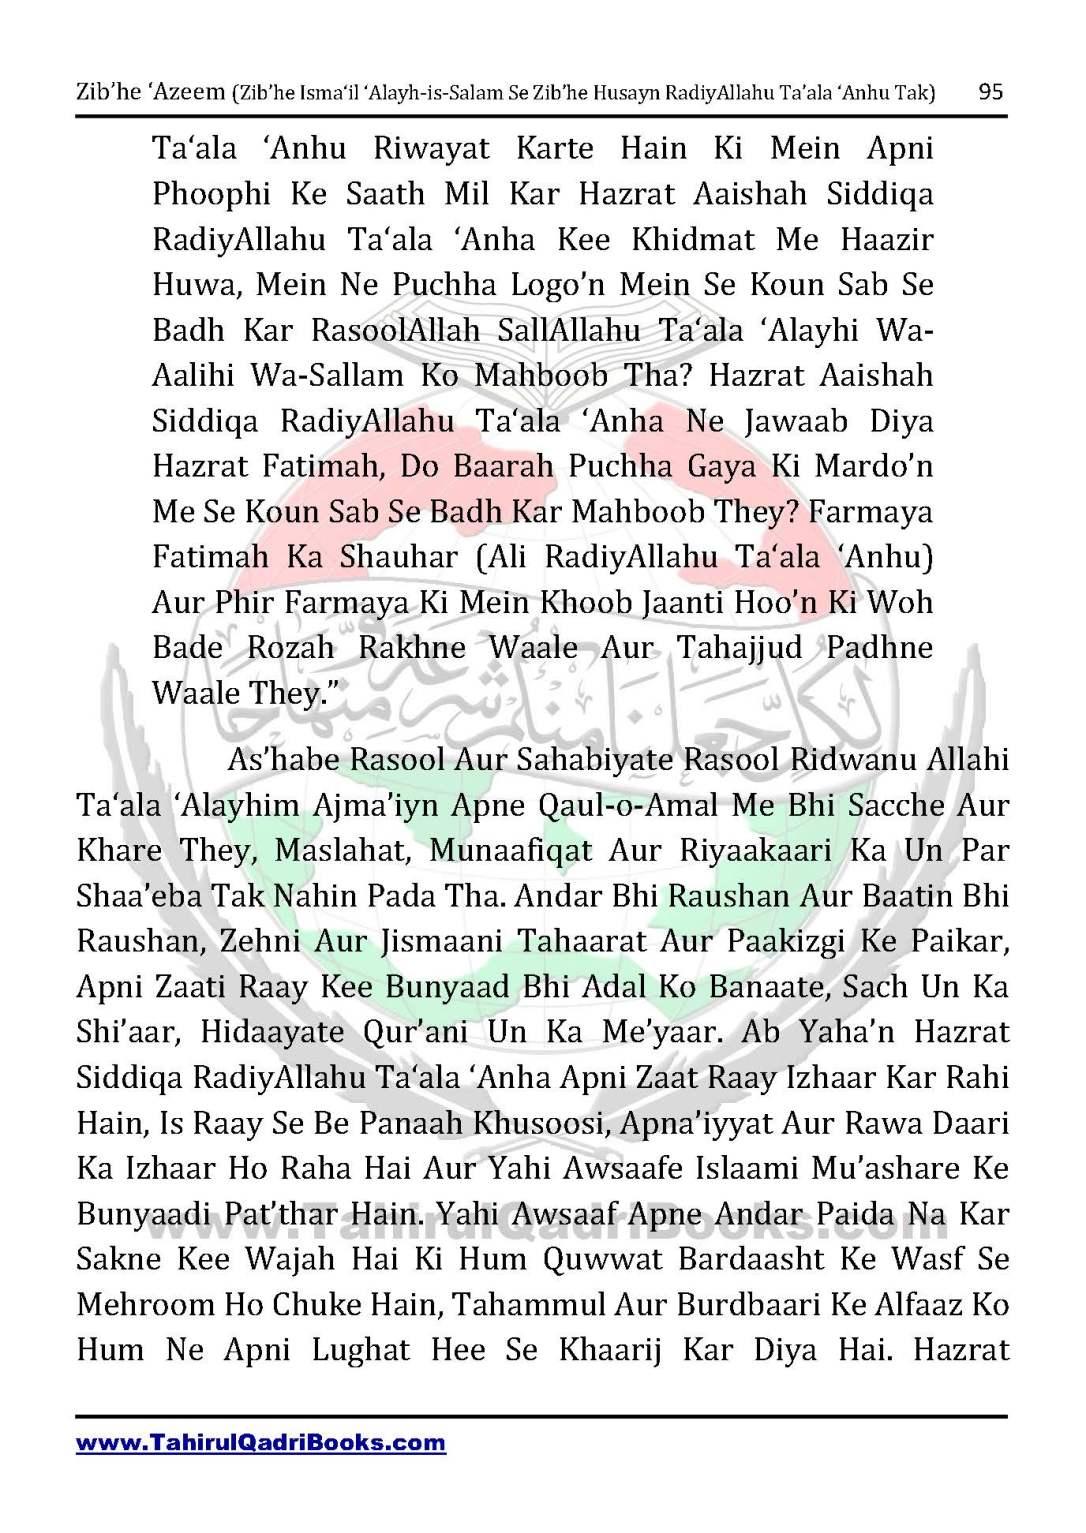 zib_he-e28098azeem-zib_he-ismacabbil-se-zib_he-husayn-tak-in-roman-urdu-unlocked_Page_095